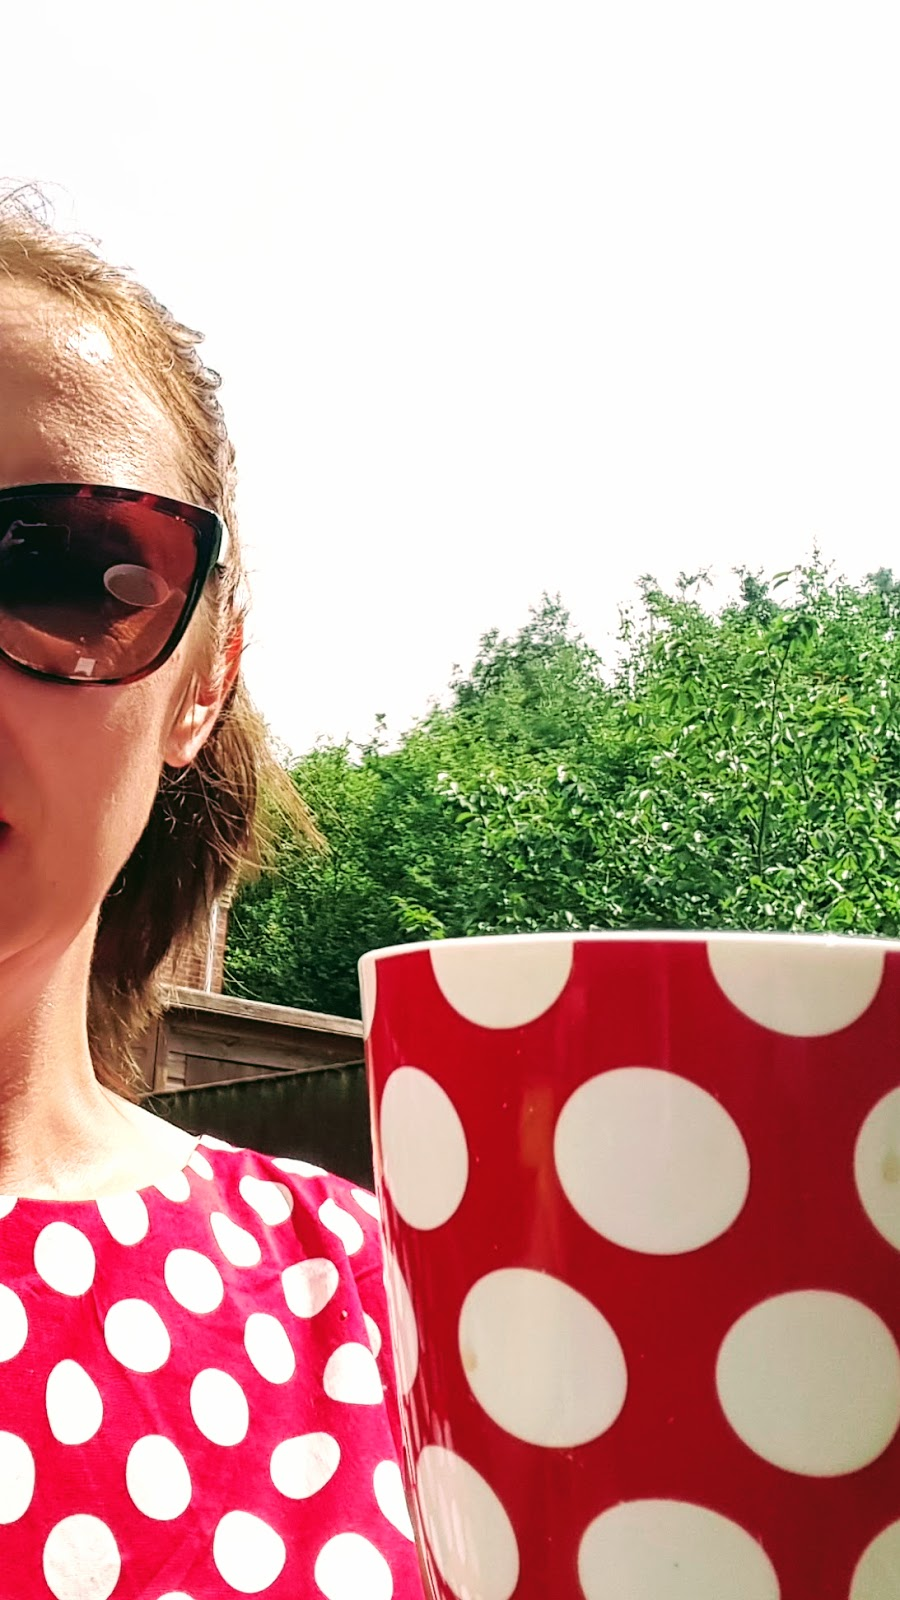 Polka Dot cup